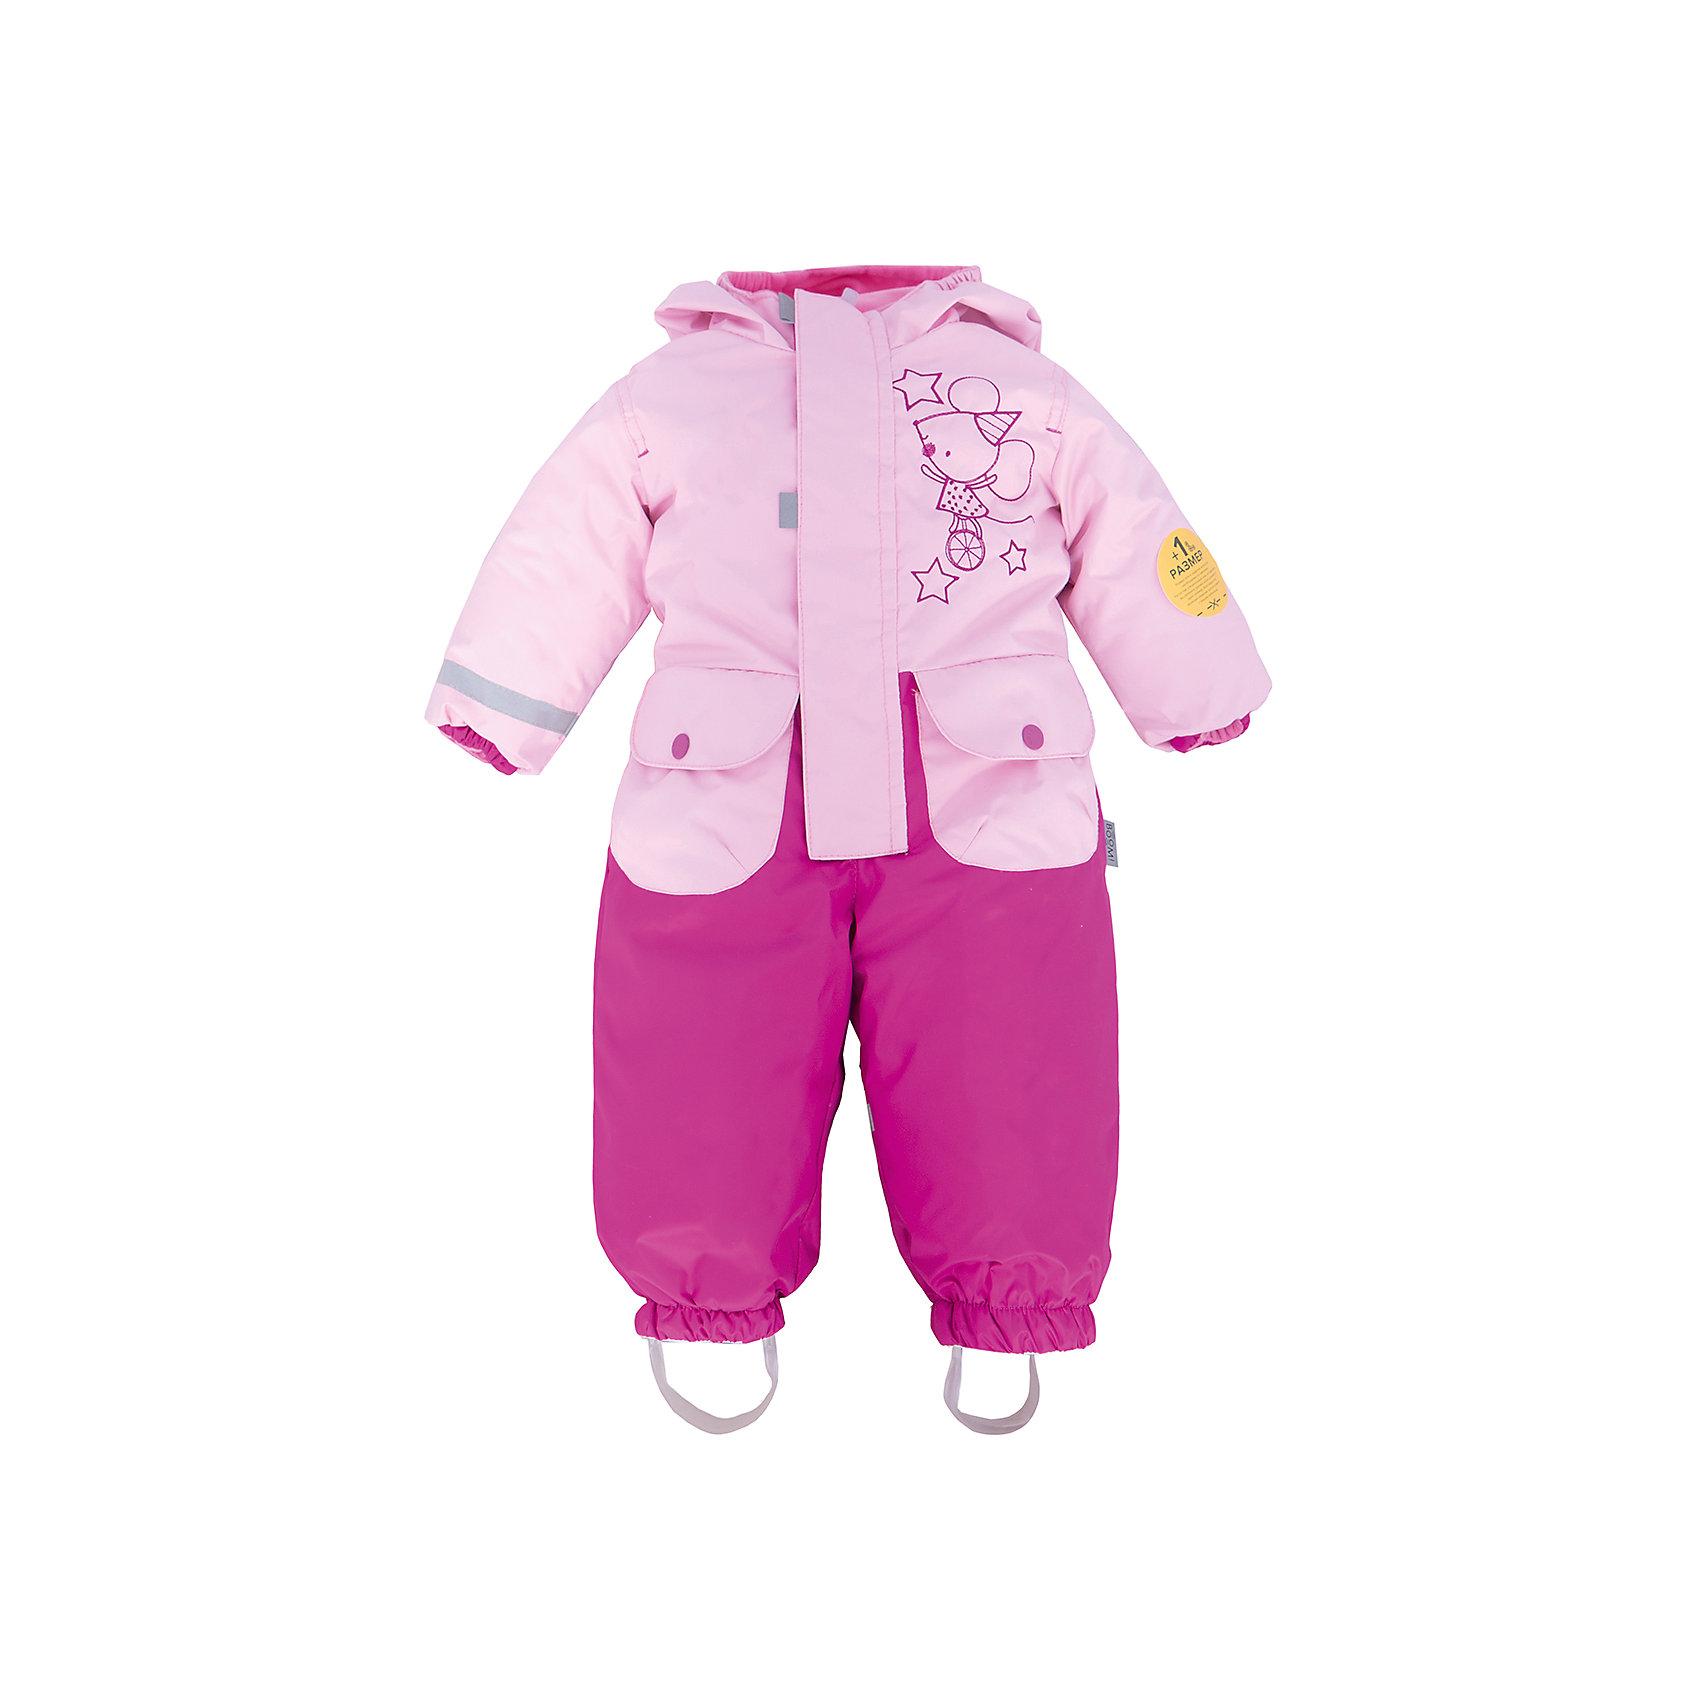 Комбинезон для девочки BOOM by OrbyВерхняя одежда<br>Характеристики товара:<br><br>• цвет: розовый/фуксия<br>• состав: верх - нейлон с мембранным покрытием 3000*3000, подкладка - поларфлис, поликоттон, утеплитель: FiberSoft 100 г/м2<br>• температурный режим: от -5°до +10°С<br>• ветронепроницаемый<br>• капюшон не отстёгивается<br>• застежка - молния<br>• планка от ветра<br>• водо- и грязеотталкивающее покрытие<br>• карманы<br>• штрипки<br>• декорирован принтом<br>• мембранное дышащее покрытие<br>• комфортная посадка<br>• страна производства: Российская Федерация<br>• страна бренда: Российская Федерация<br>• коллекция: весна-лето 2017<br><br>Одежда для самых маленьких должна быть особо комфортной! Такой комбинезон - отличный вариант для межсезонья с постоянно меняющейся погодой. Эта модель - модная и удобная одновременно! Изделие отличается стильным ярким дизайном. Комбинезон дополнен мягкой подкладкой. Вещь была разработана специально для малышей.<br><br>Одежда от российского бренда BOOM by Orby уже завоевала популярностью у многих детей и их родителей. Вещи, выпускаемые компанией, качественные, продуманные и очень удобные. Для производства коллекций используются только безопасные для детей материалы. Спешите приобрести модели из новой коллекции Весна-лето 2017! <br><br>Комбинезон для девочки от бренда BOOM by Orby можно купить в нашем интернет-магазине.<br><br>Ширина мм: 356<br>Глубина мм: 10<br>Высота мм: 245<br>Вес г: 519<br>Цвет: розовый<br>Возраст от месяцев: 24<br>Возраст до месяцев: 36<br>Пол: Женский<br>Возраст: Детский<br>Размер: 98,74,80,86,92<br>SKU: 5342769